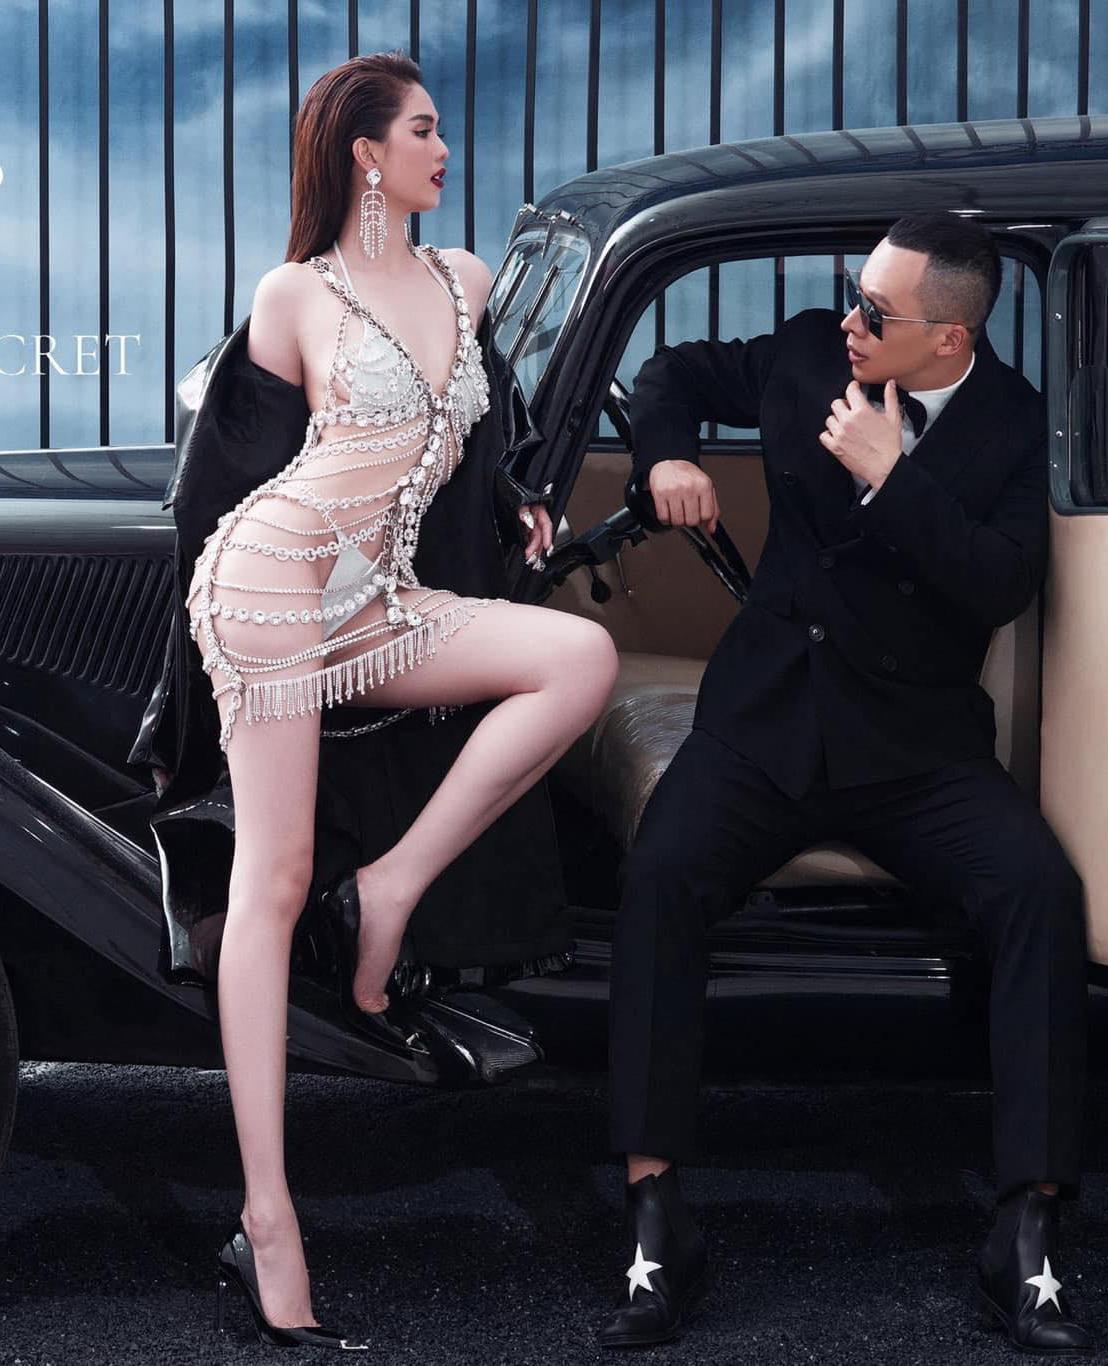 Mới đây, trong bộ ảnh quảng bá cho sự kiện thời trang do Ngọc Trinh và ông bầu Vũ Khắc Tiệp tổ chức, người mẫu nội y cũng chọn bikini mảnh màu trắng, phủ váy lưới bên ngoài. Ảnh: Instagram Ngọc Trinh.